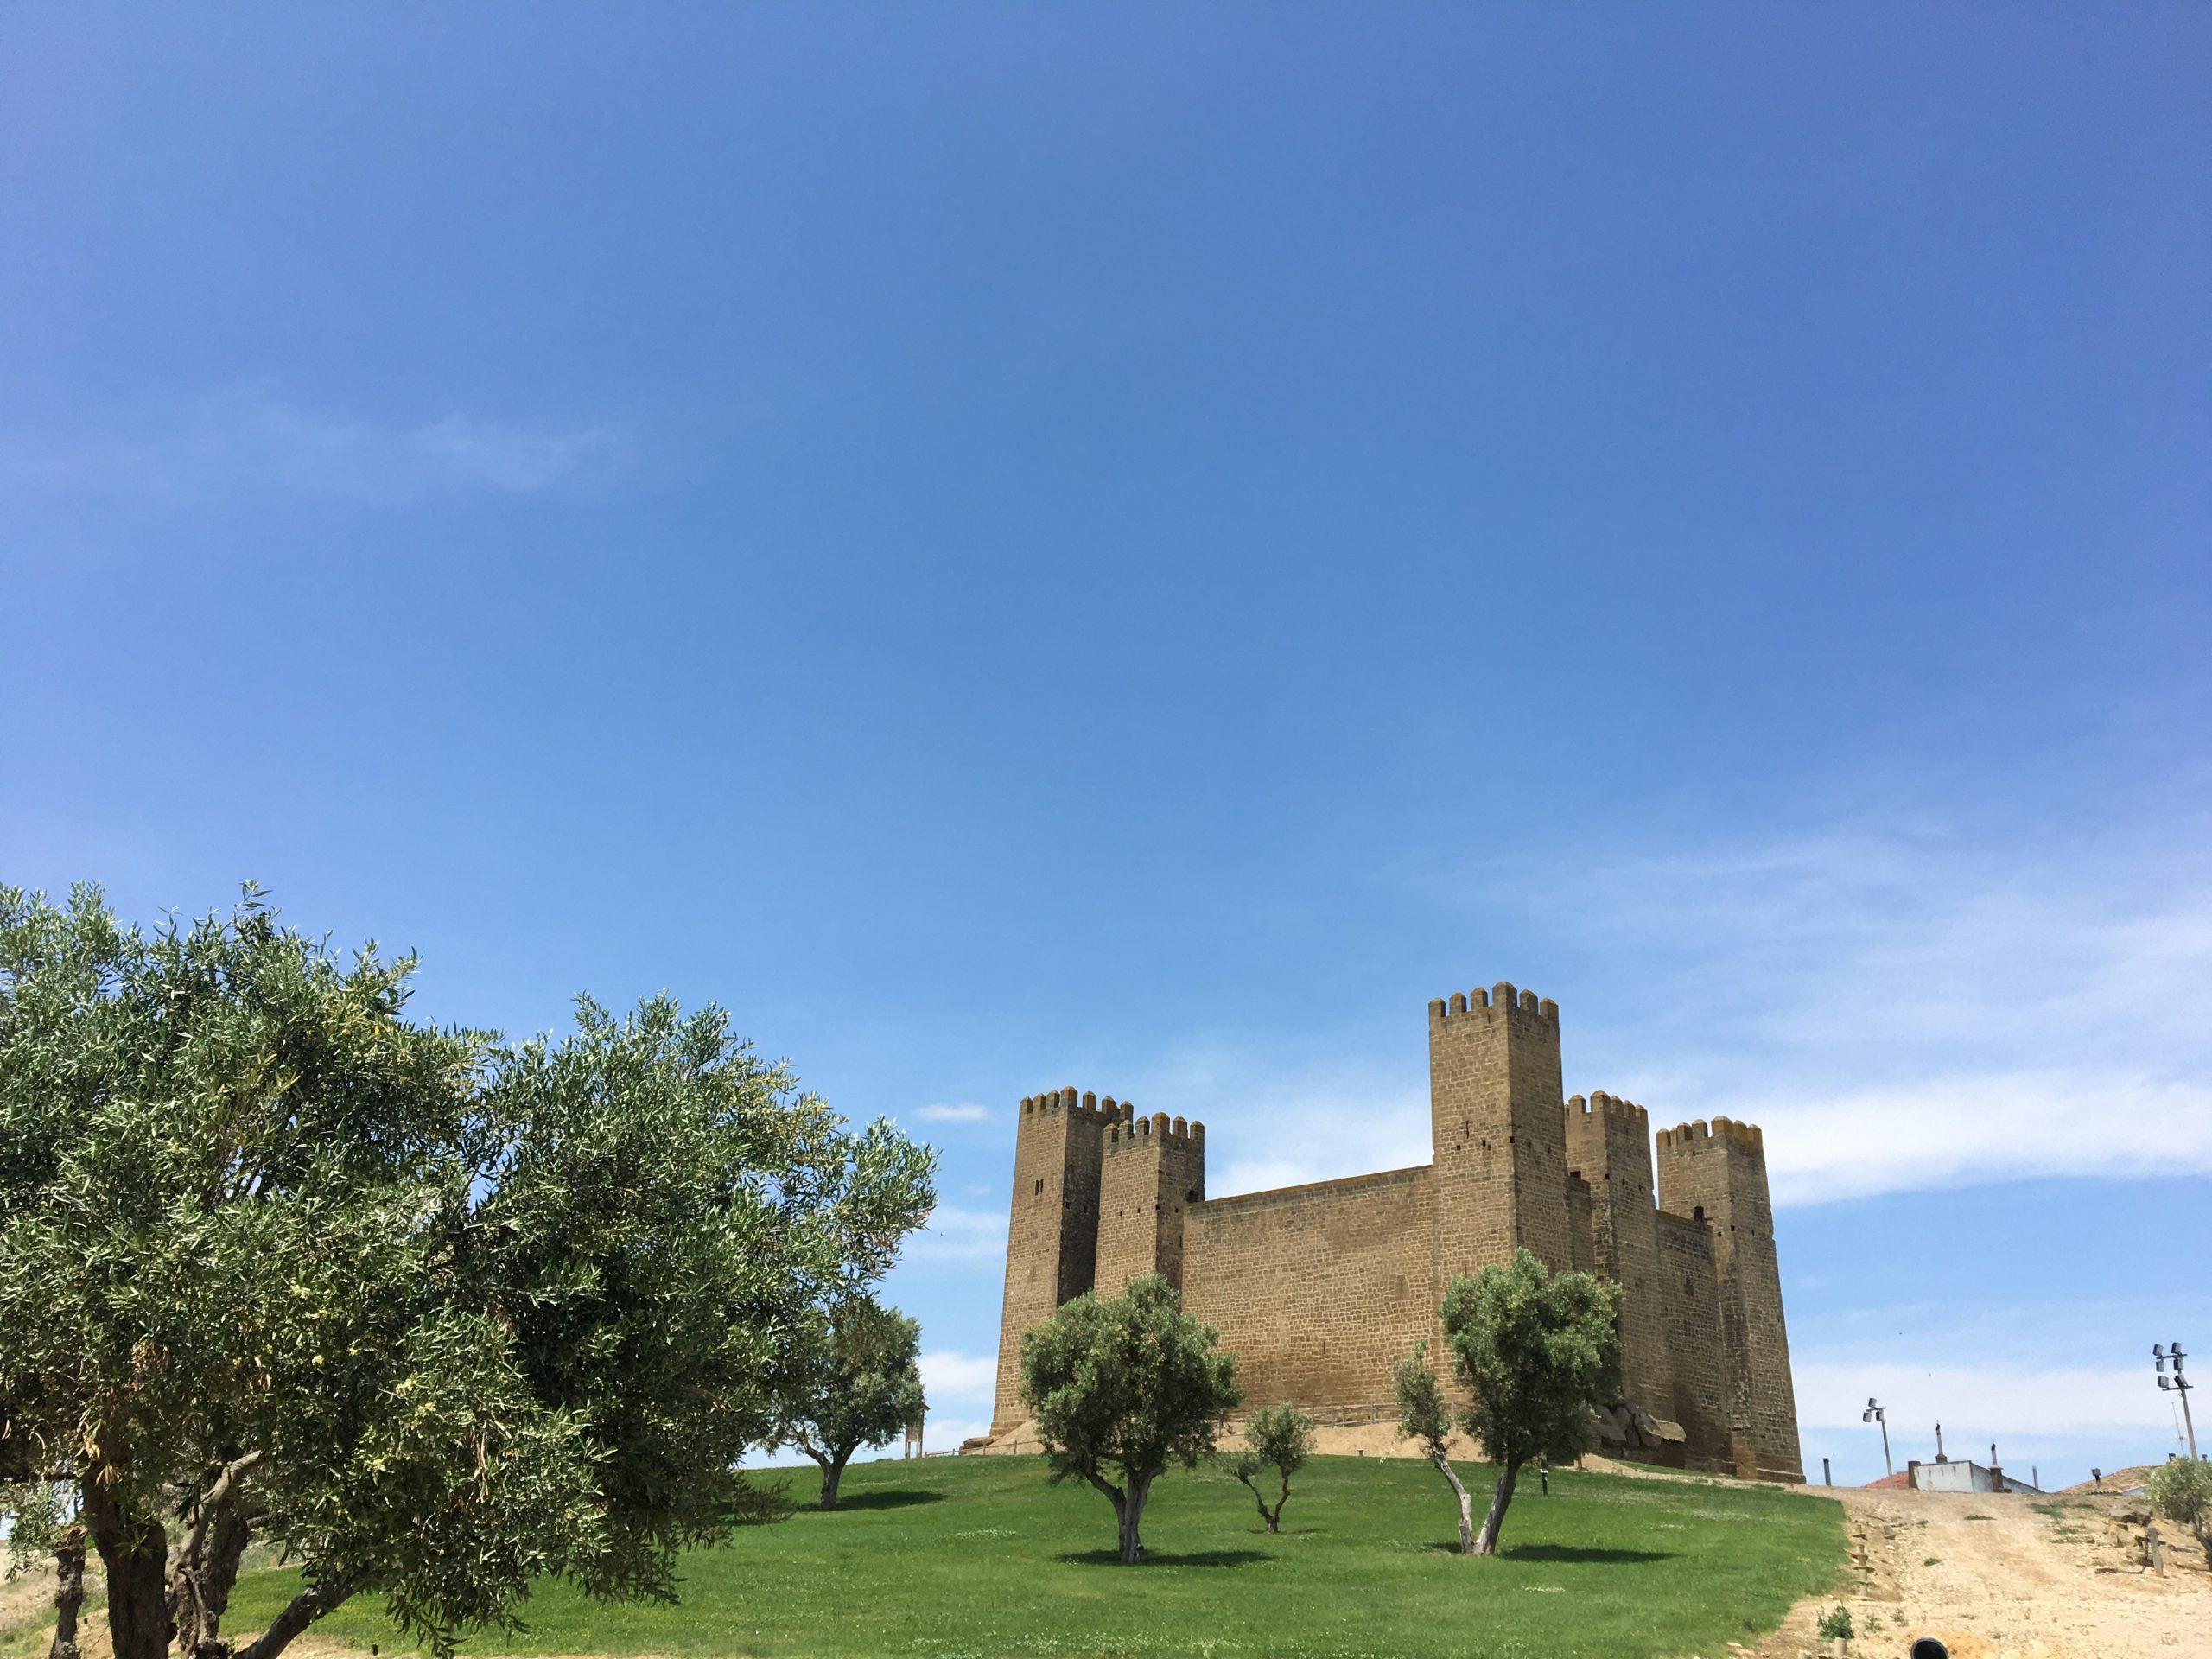 Sádaba castle.